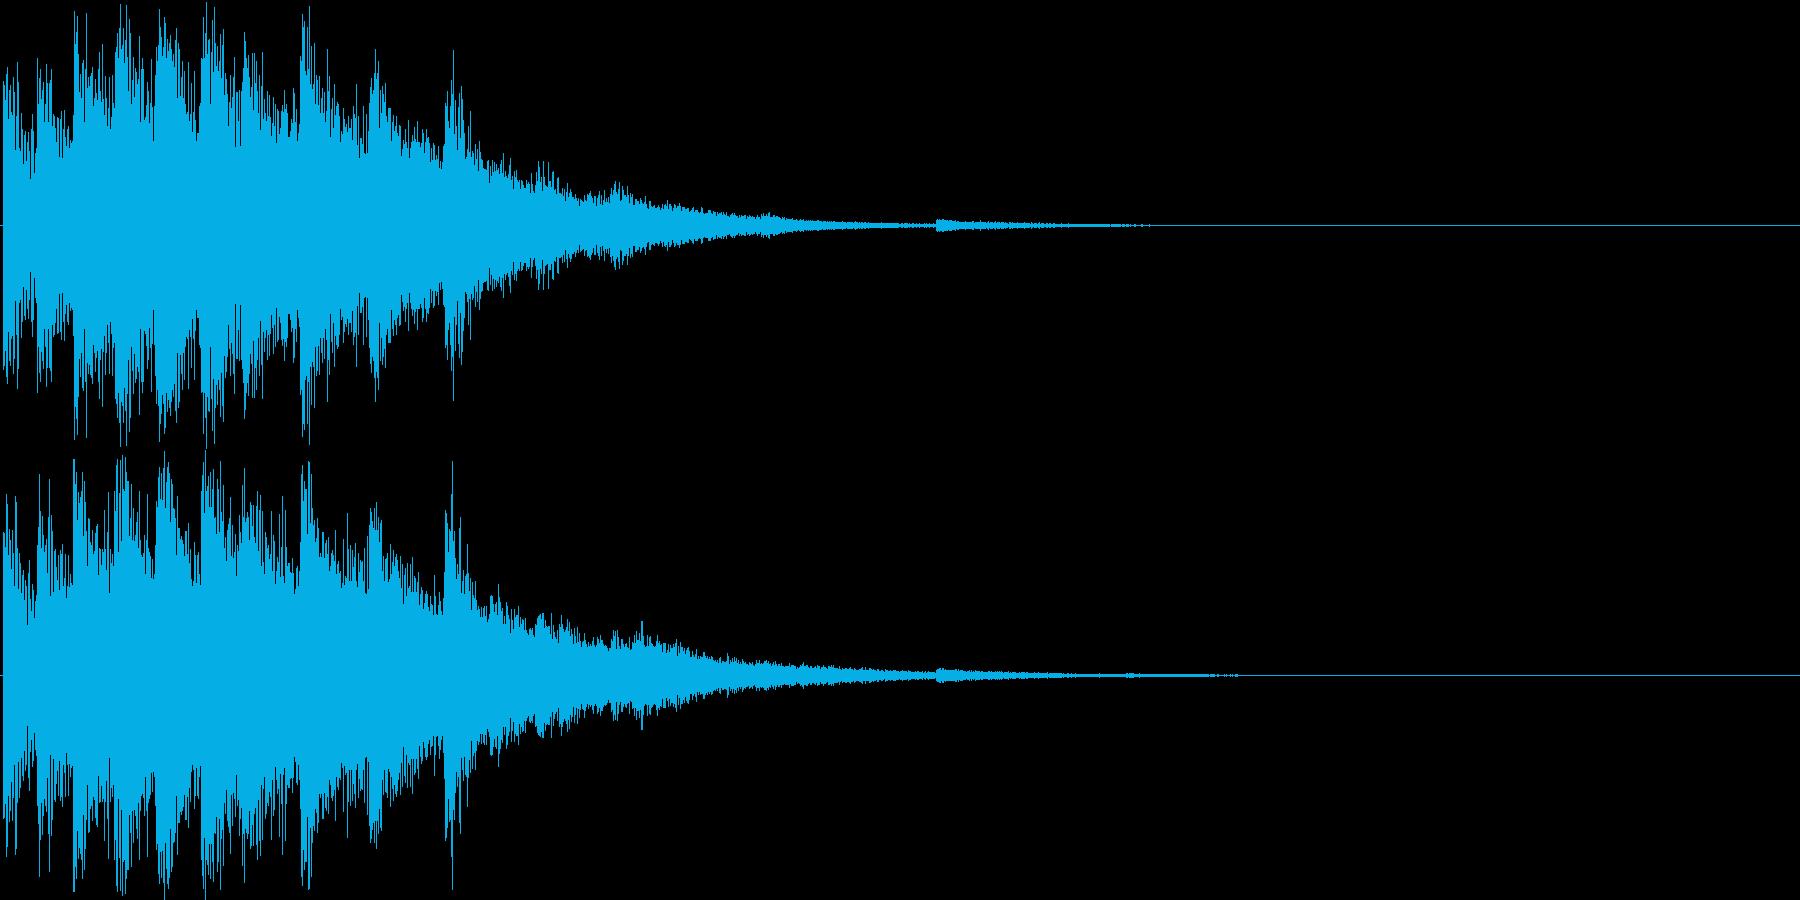 回復音2の再生済みの波形